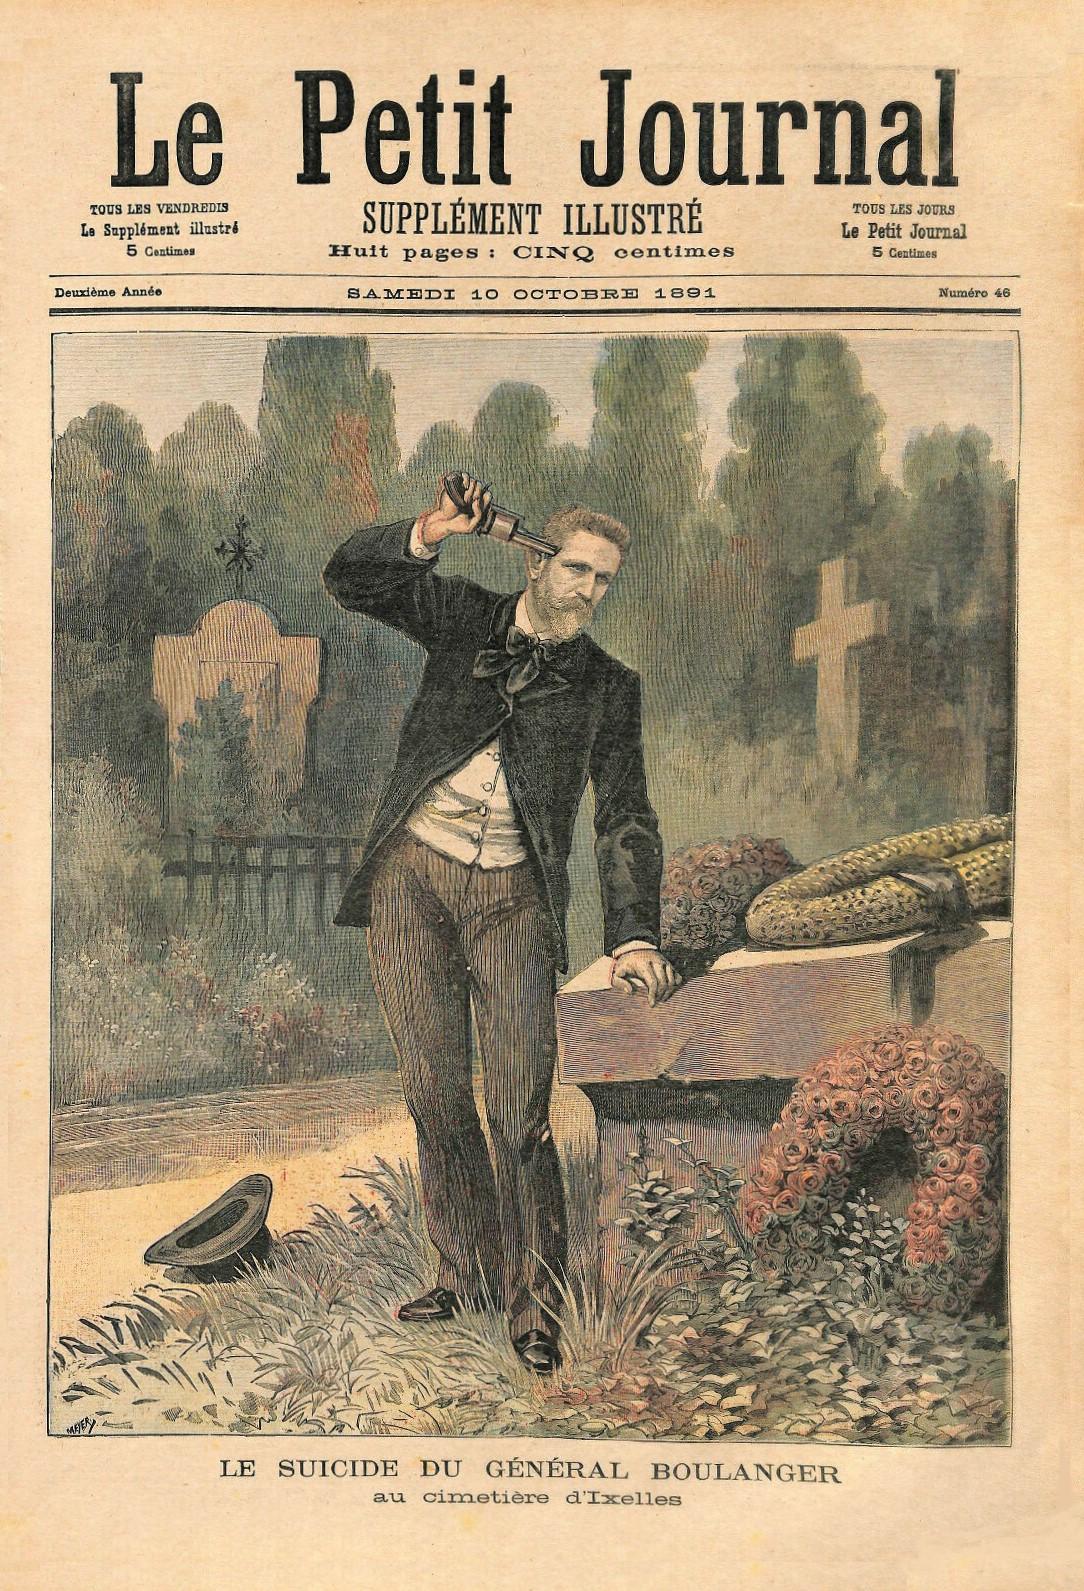 Suicide du Général Boulanger